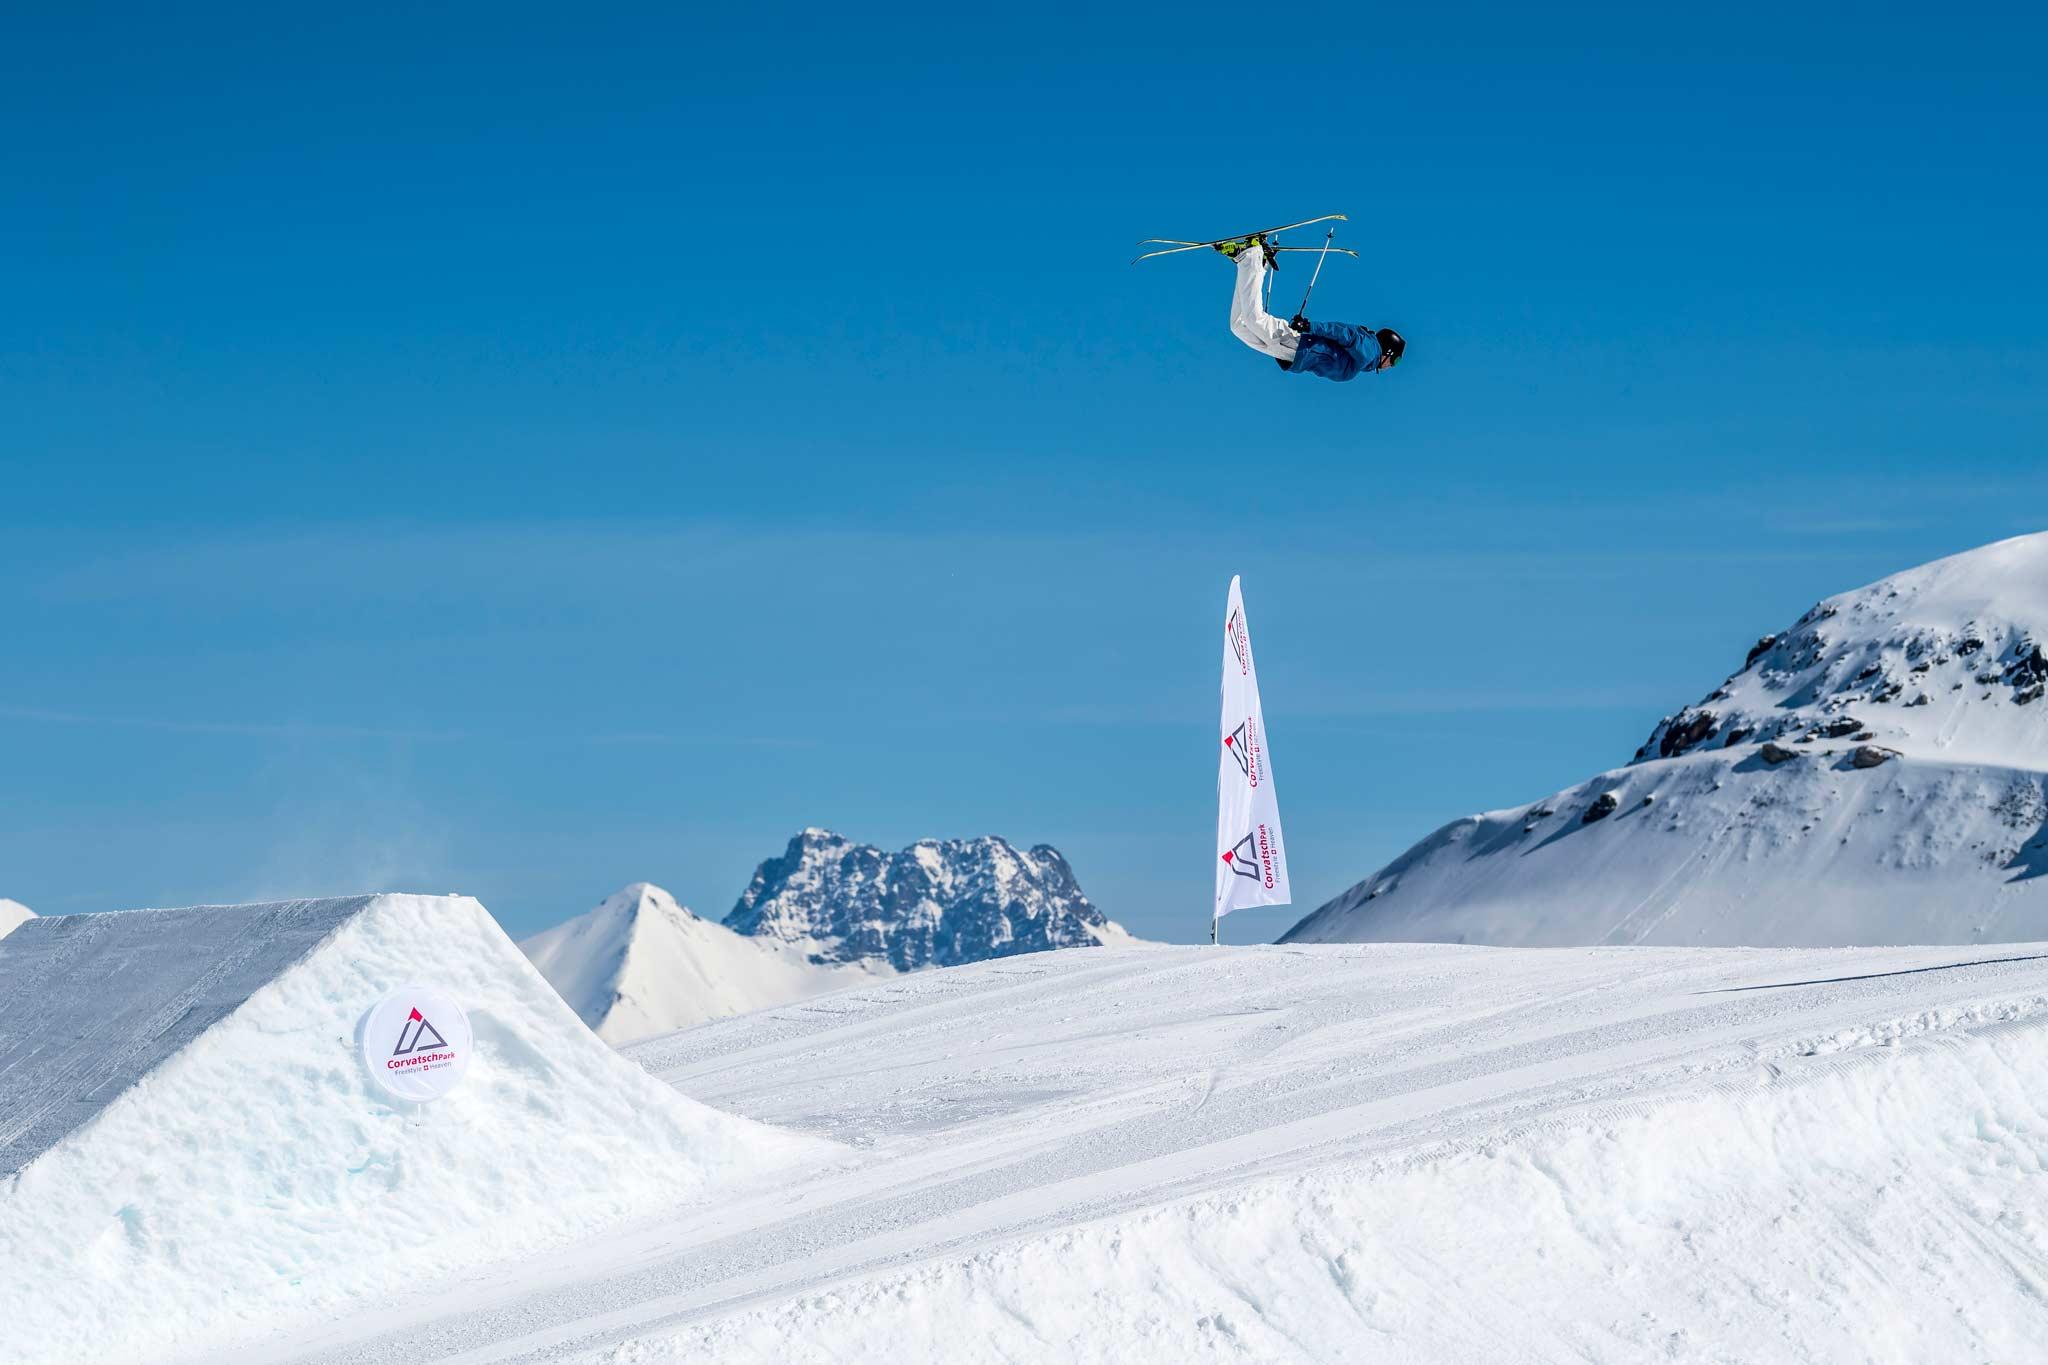 Andri Ragettli (SUI) wird voraussichtlich auch bei den Corvatsch Progression Days 2020 im November im Corvatsch Park über die Jumps segeln. - Foto: Pally Learmond